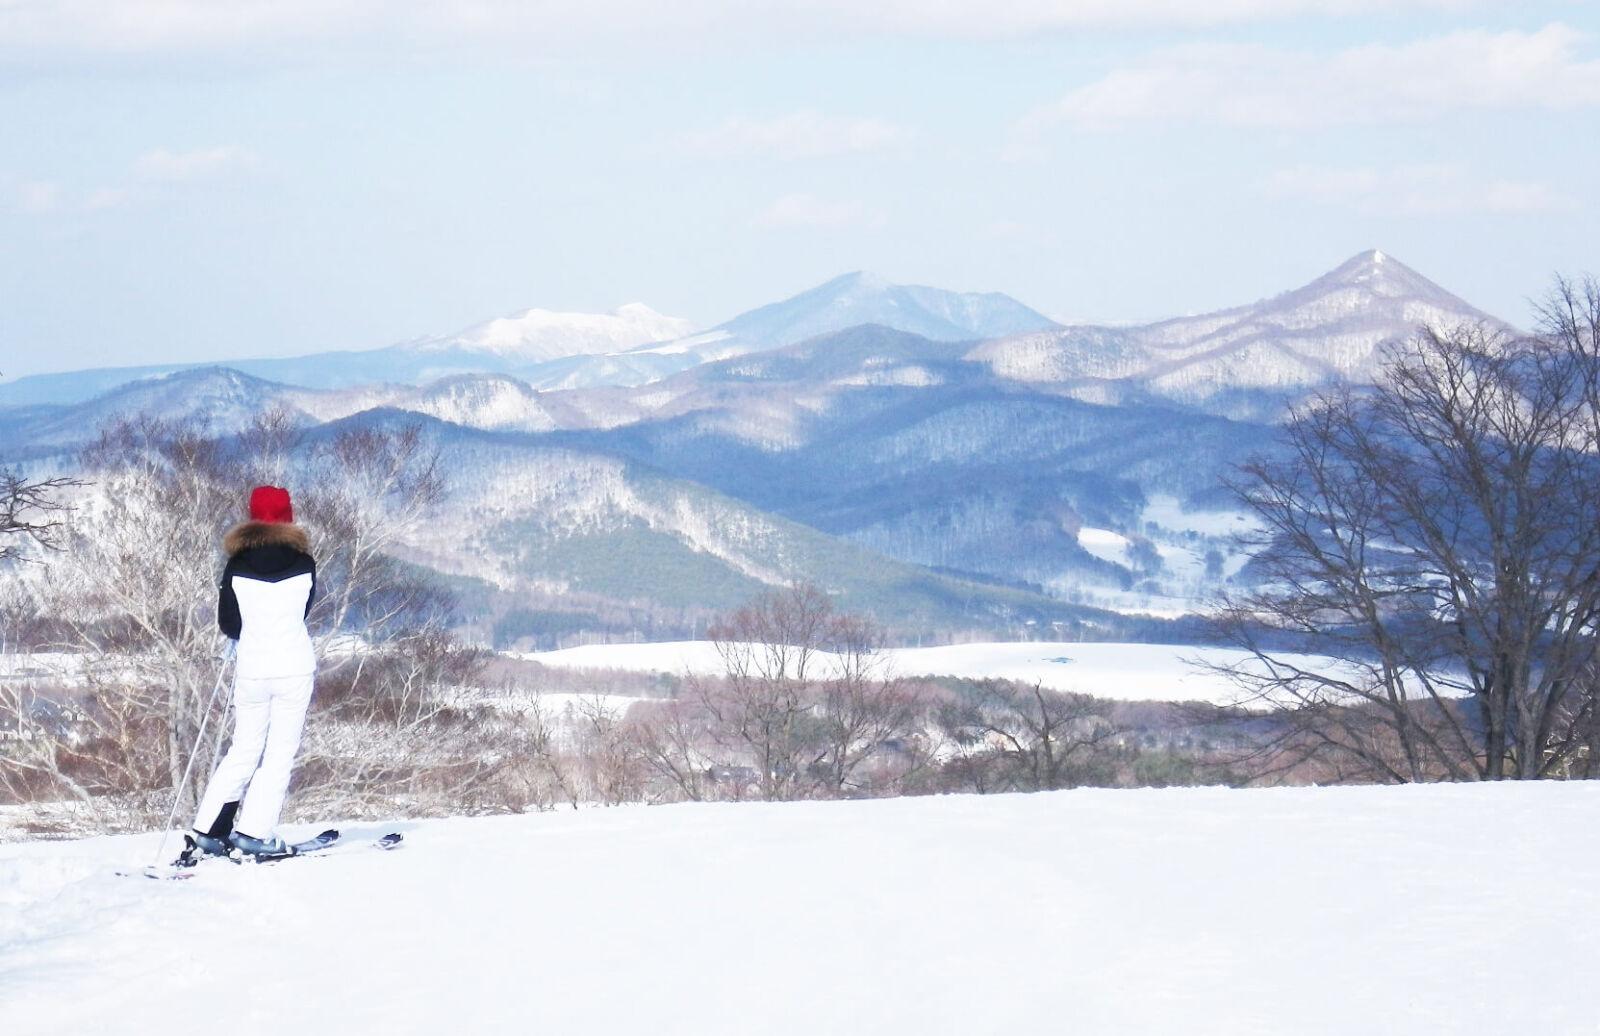 appi-kogen-ski-resort